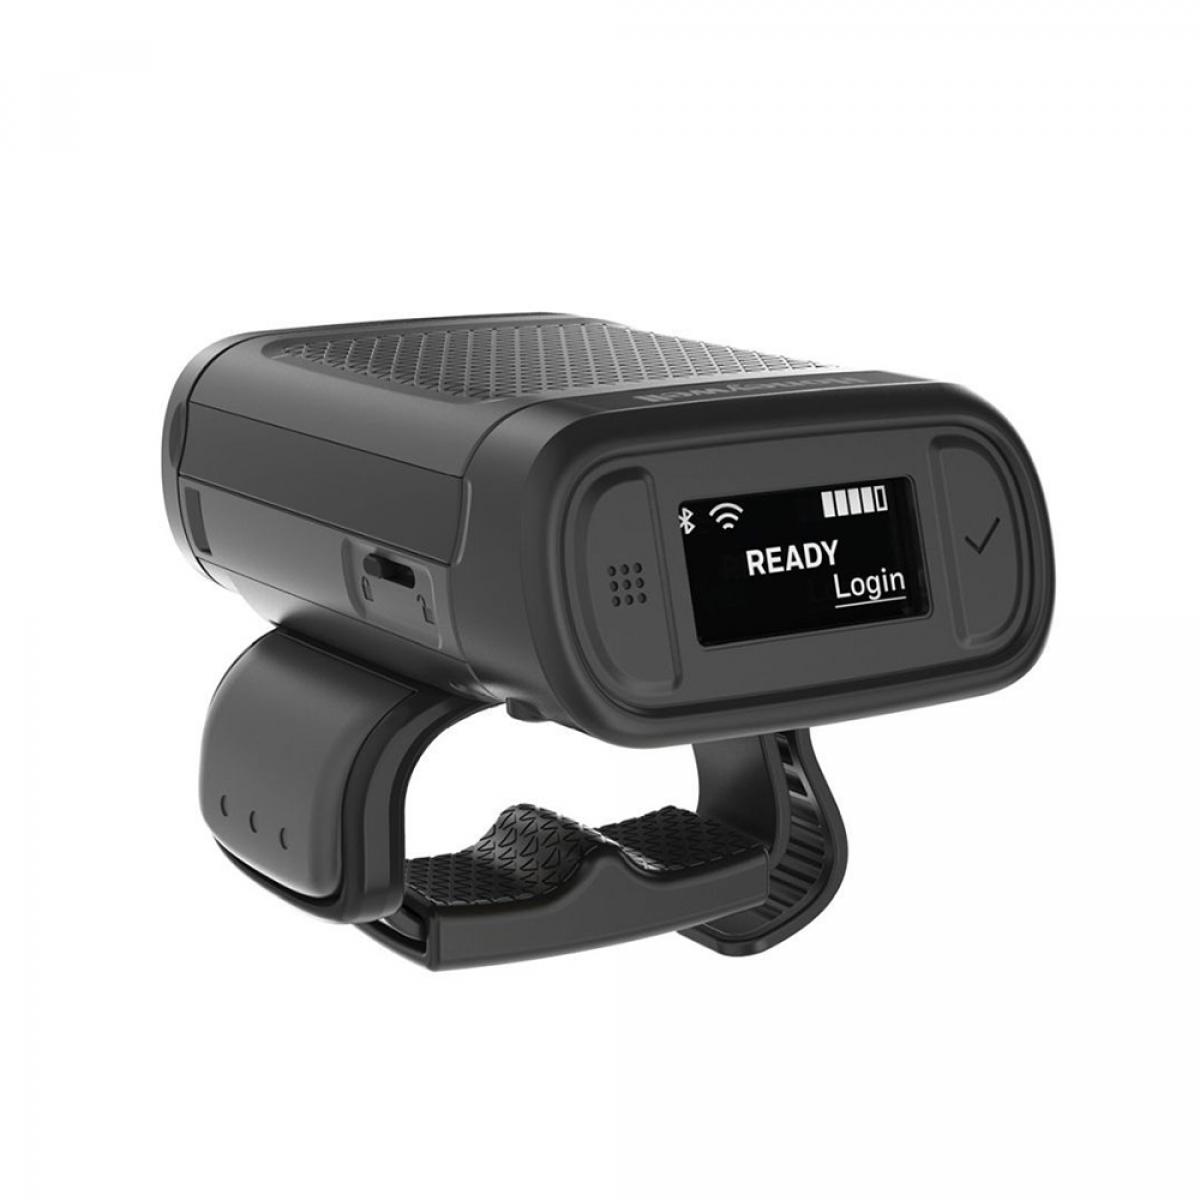 Honeywell 8680i Smart Wearable Scanner